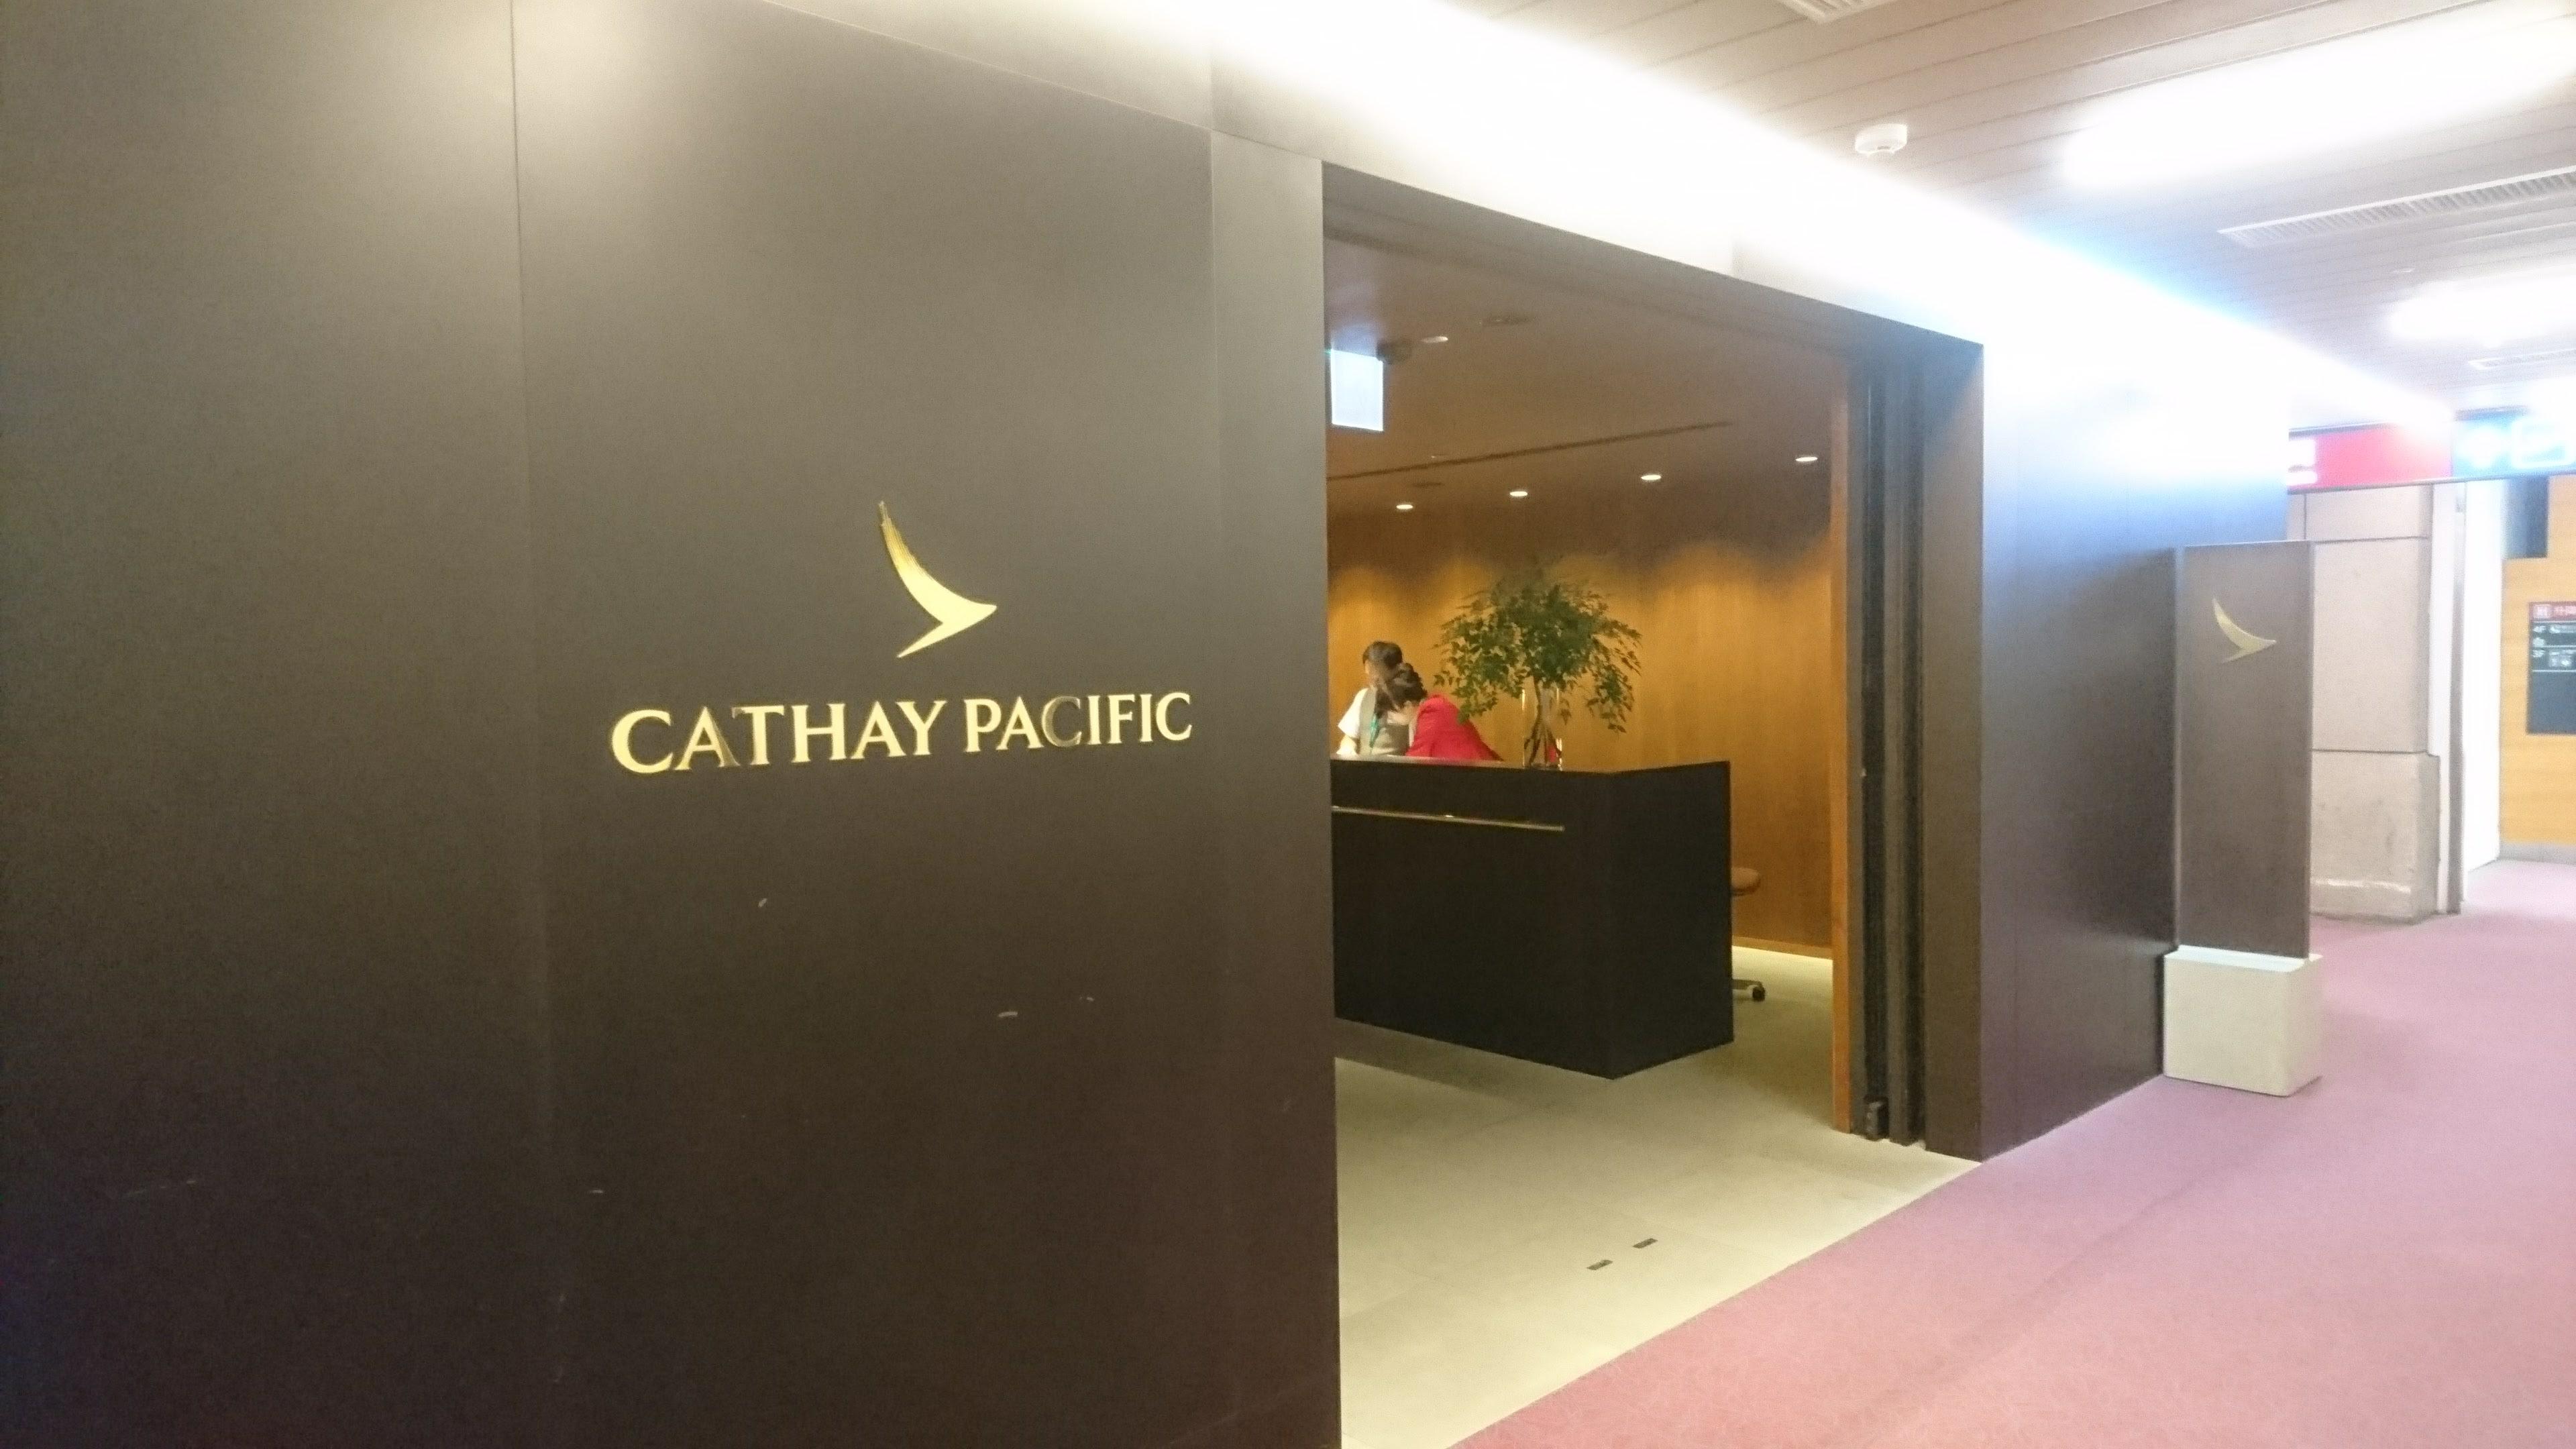 CATHAY PACIFIC ラウンジ「キャセイパシフィック・ラウンジ」